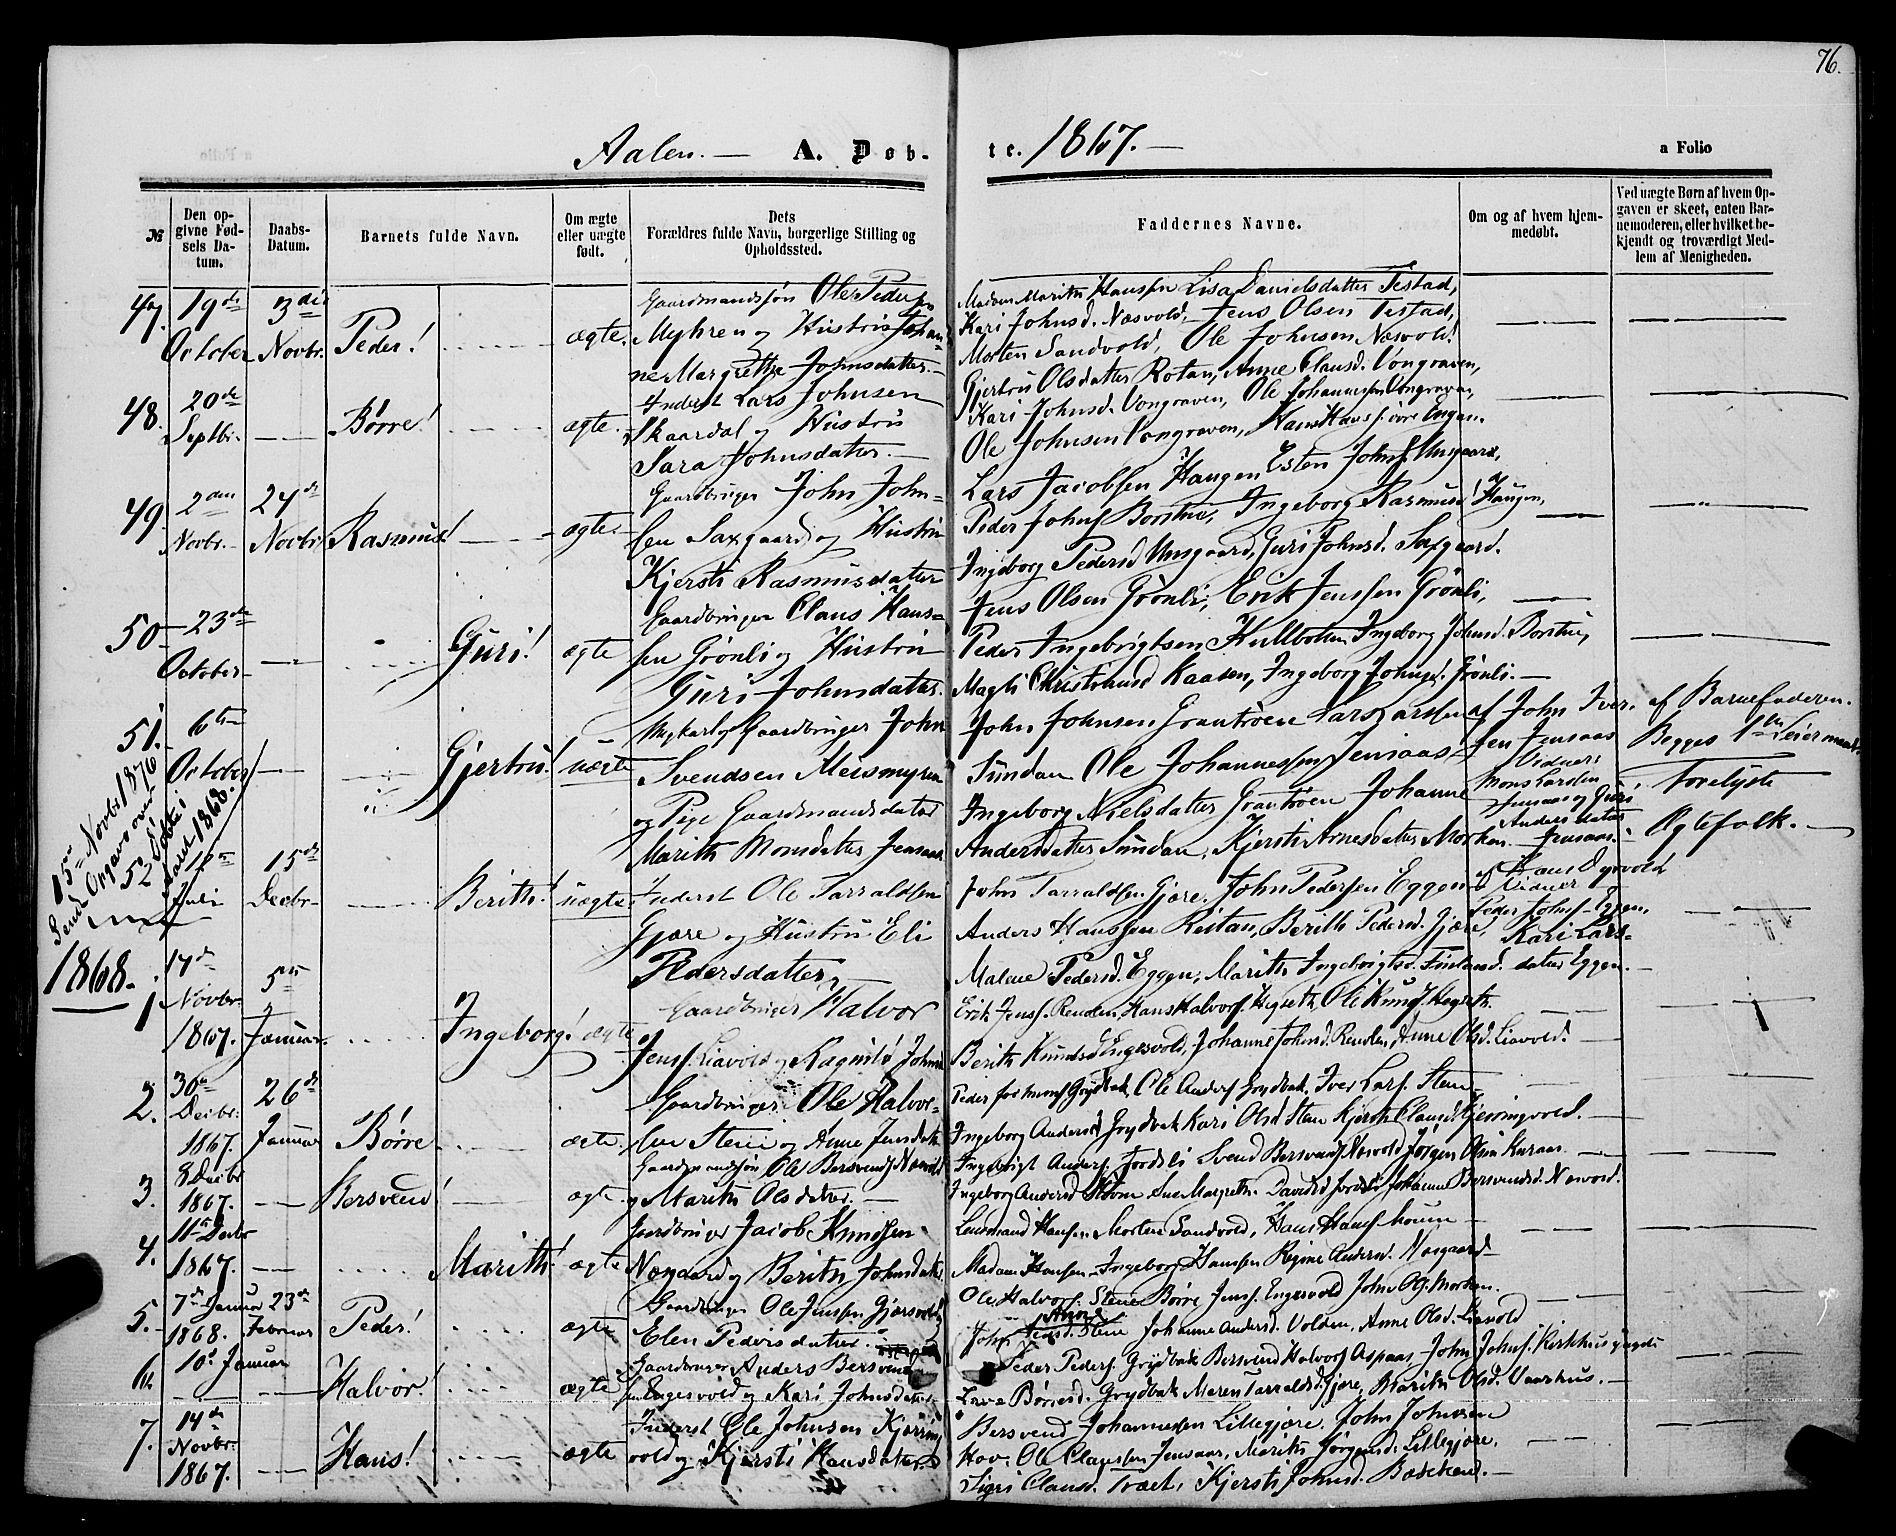 SAT, Ministerialprotokoller, klokkerbøker og fødselsregistre - Sør-Trøndelag, 685/L0968: Ministerialbok nr. 685A07 /3, 1860-1869, s. 76